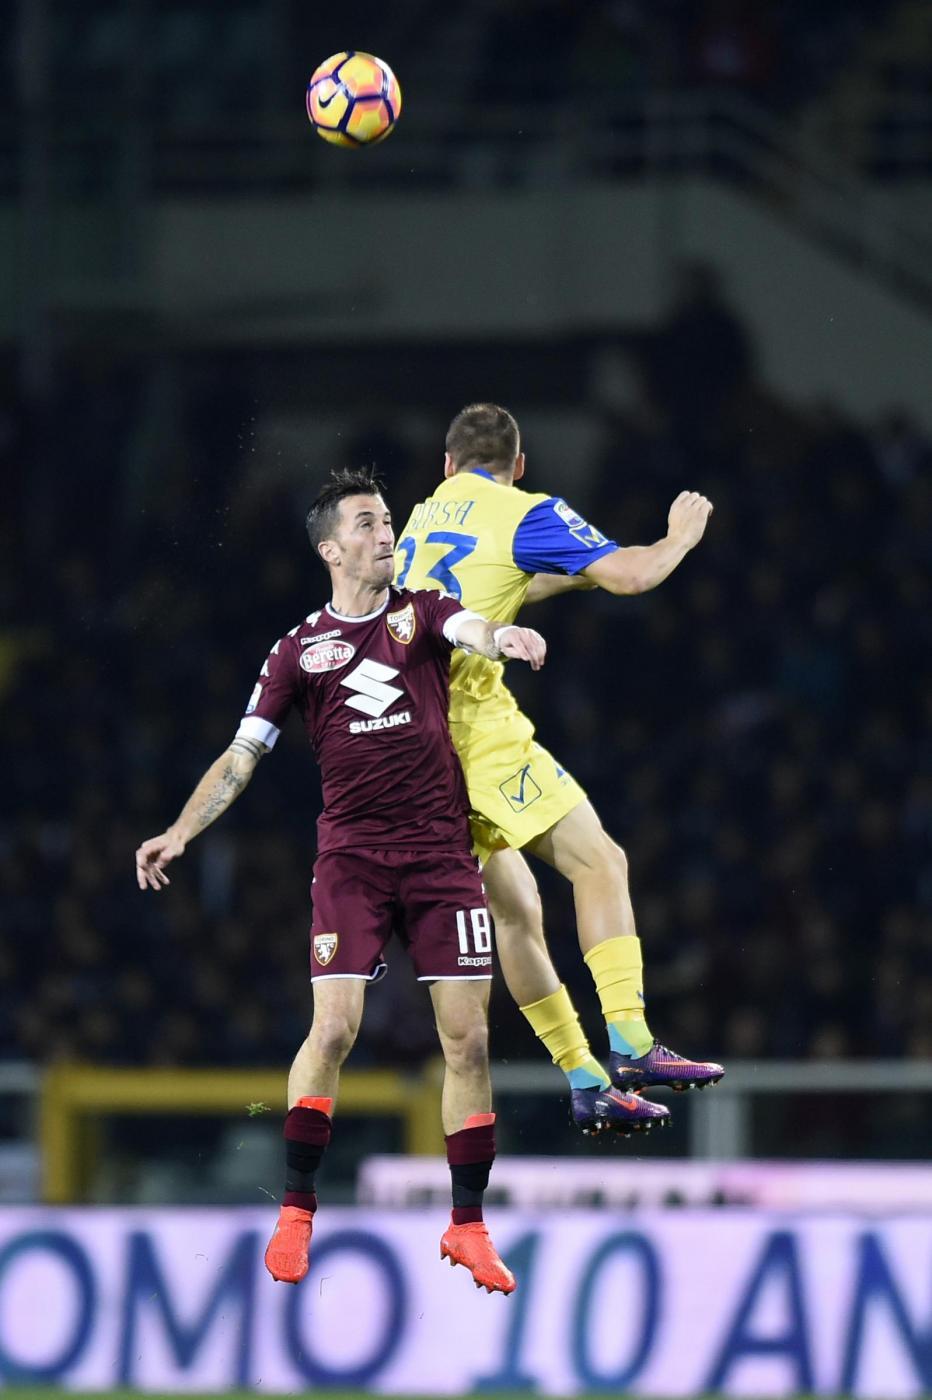 Terza vittoria consecutiva per il  Torino  che nell'anticipo della quattordicesima giornata di  Serie A  ha battuto 2-1 il  Chievo , portandosi al quarto posto in classifica. Entrambe le reti nel primo tempo con  Iago Falque  che, dopo un inizio complicato, trova la doppietta in due minuti tra il 36' e il 38'. Vantaggio di testa su assist di Barreca e raddoppio con un sinistro all'incrocio. Nella ripresa non basta il gol di  Inglese  all'86'.